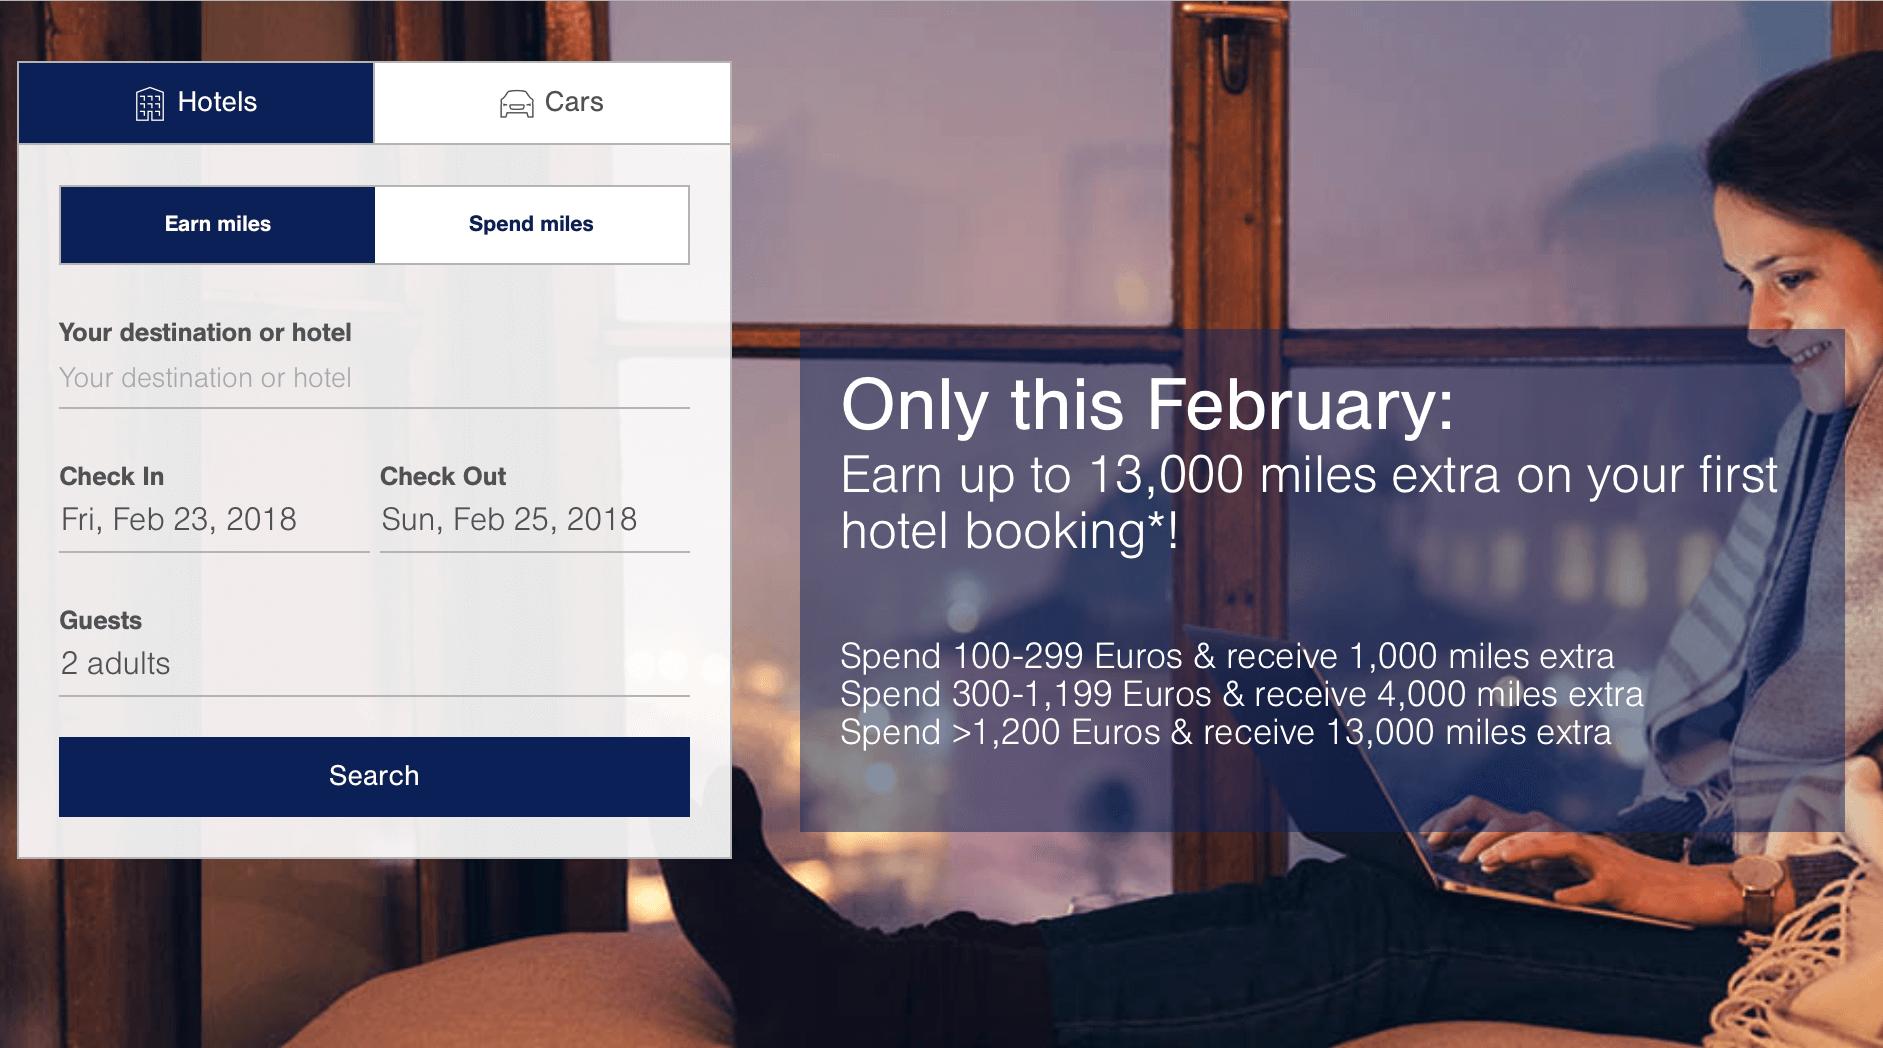 ホテル予約でMiles & Moreのマイレージを最大13,000マイル獲得できます(2018/2/28予約分まで)